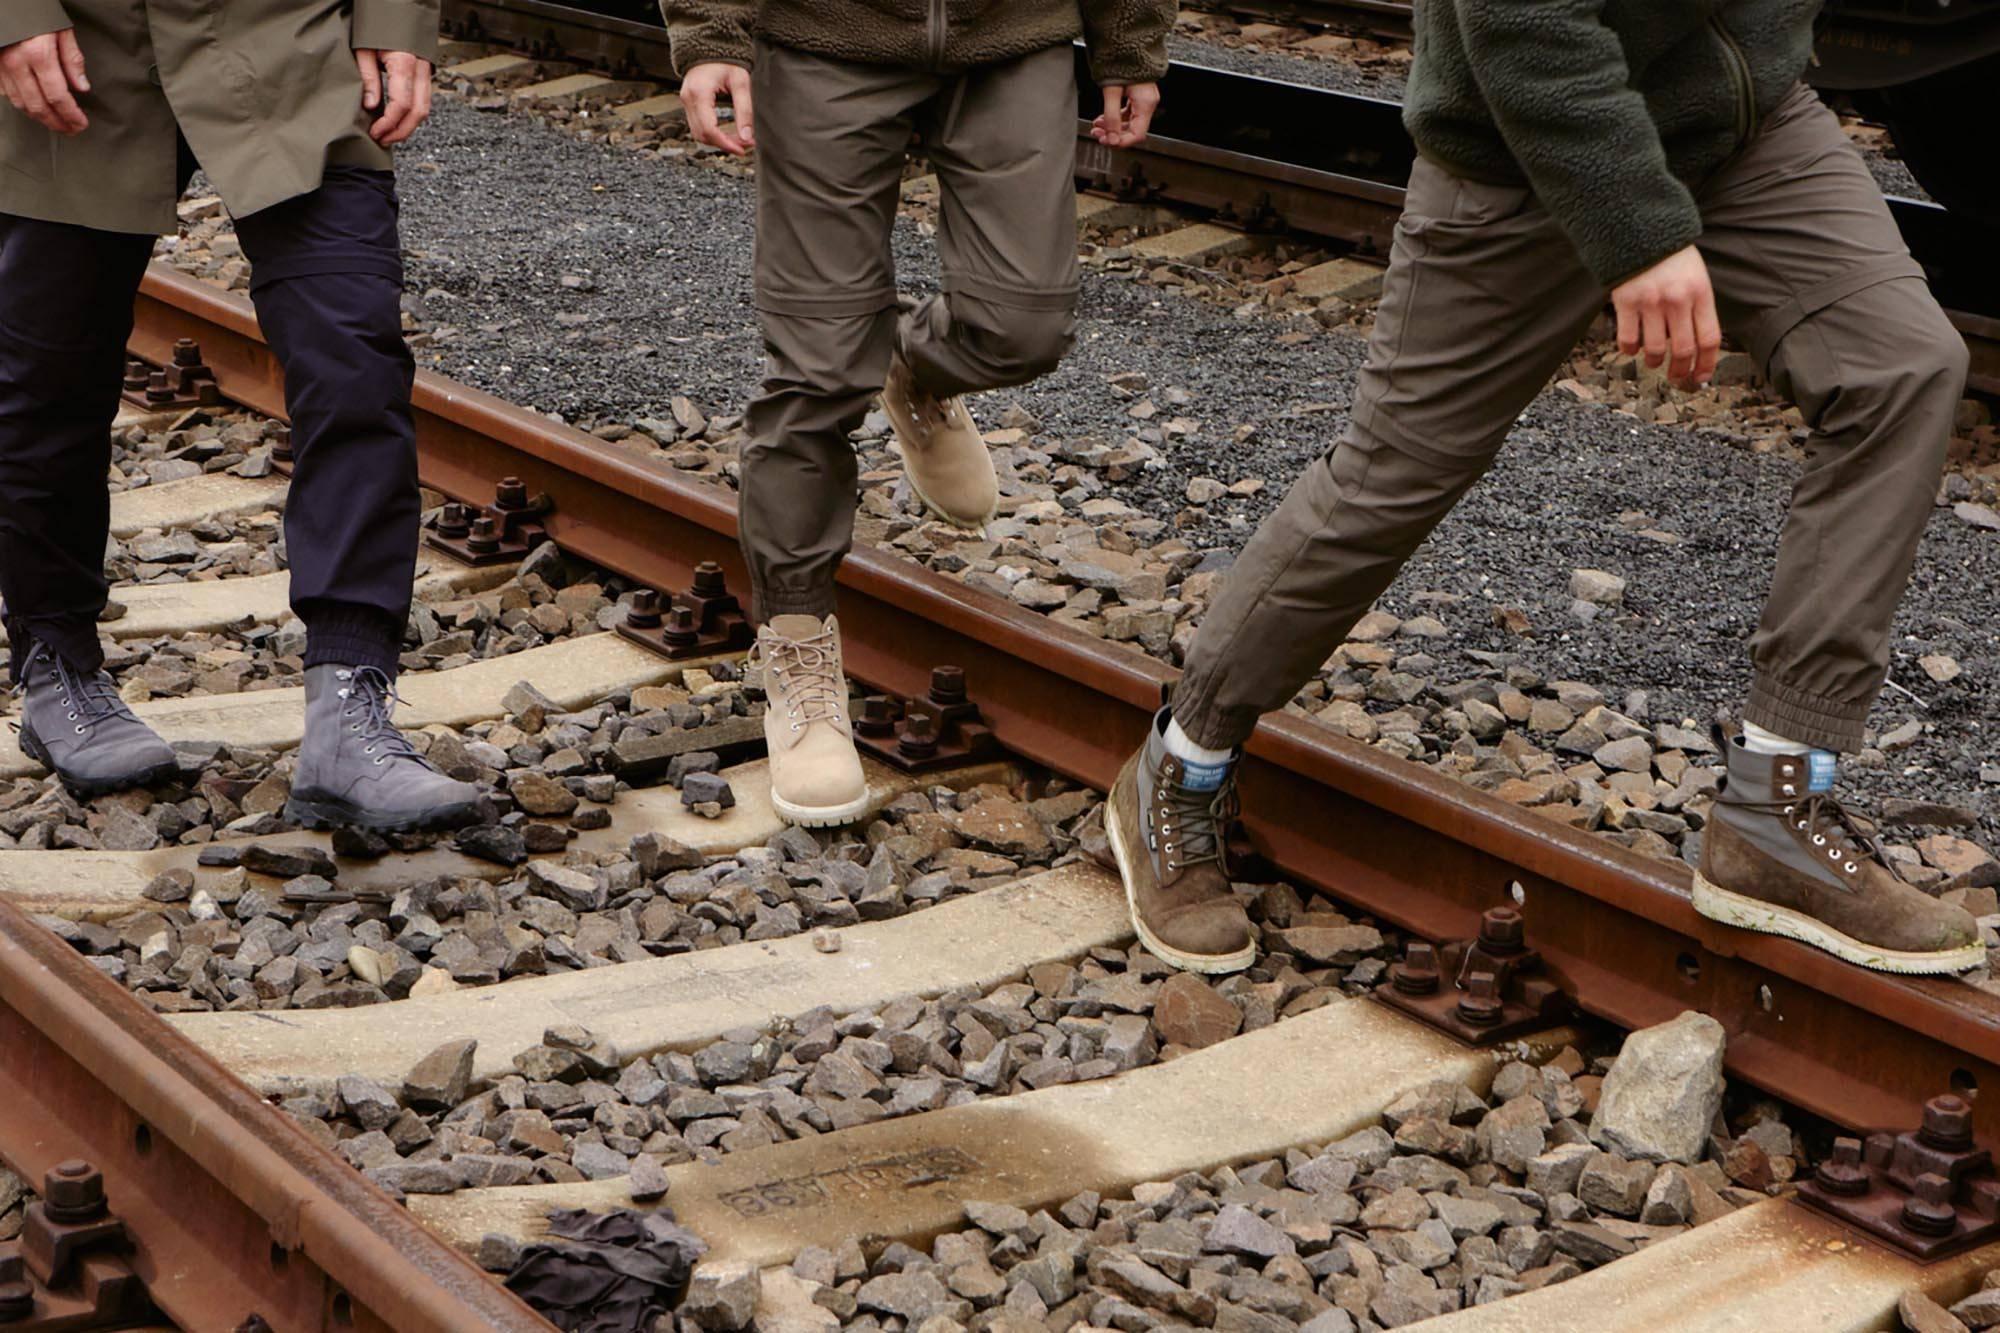 低调好穿&坚韧耐用,Wood Wood x Timberland全新合作系列